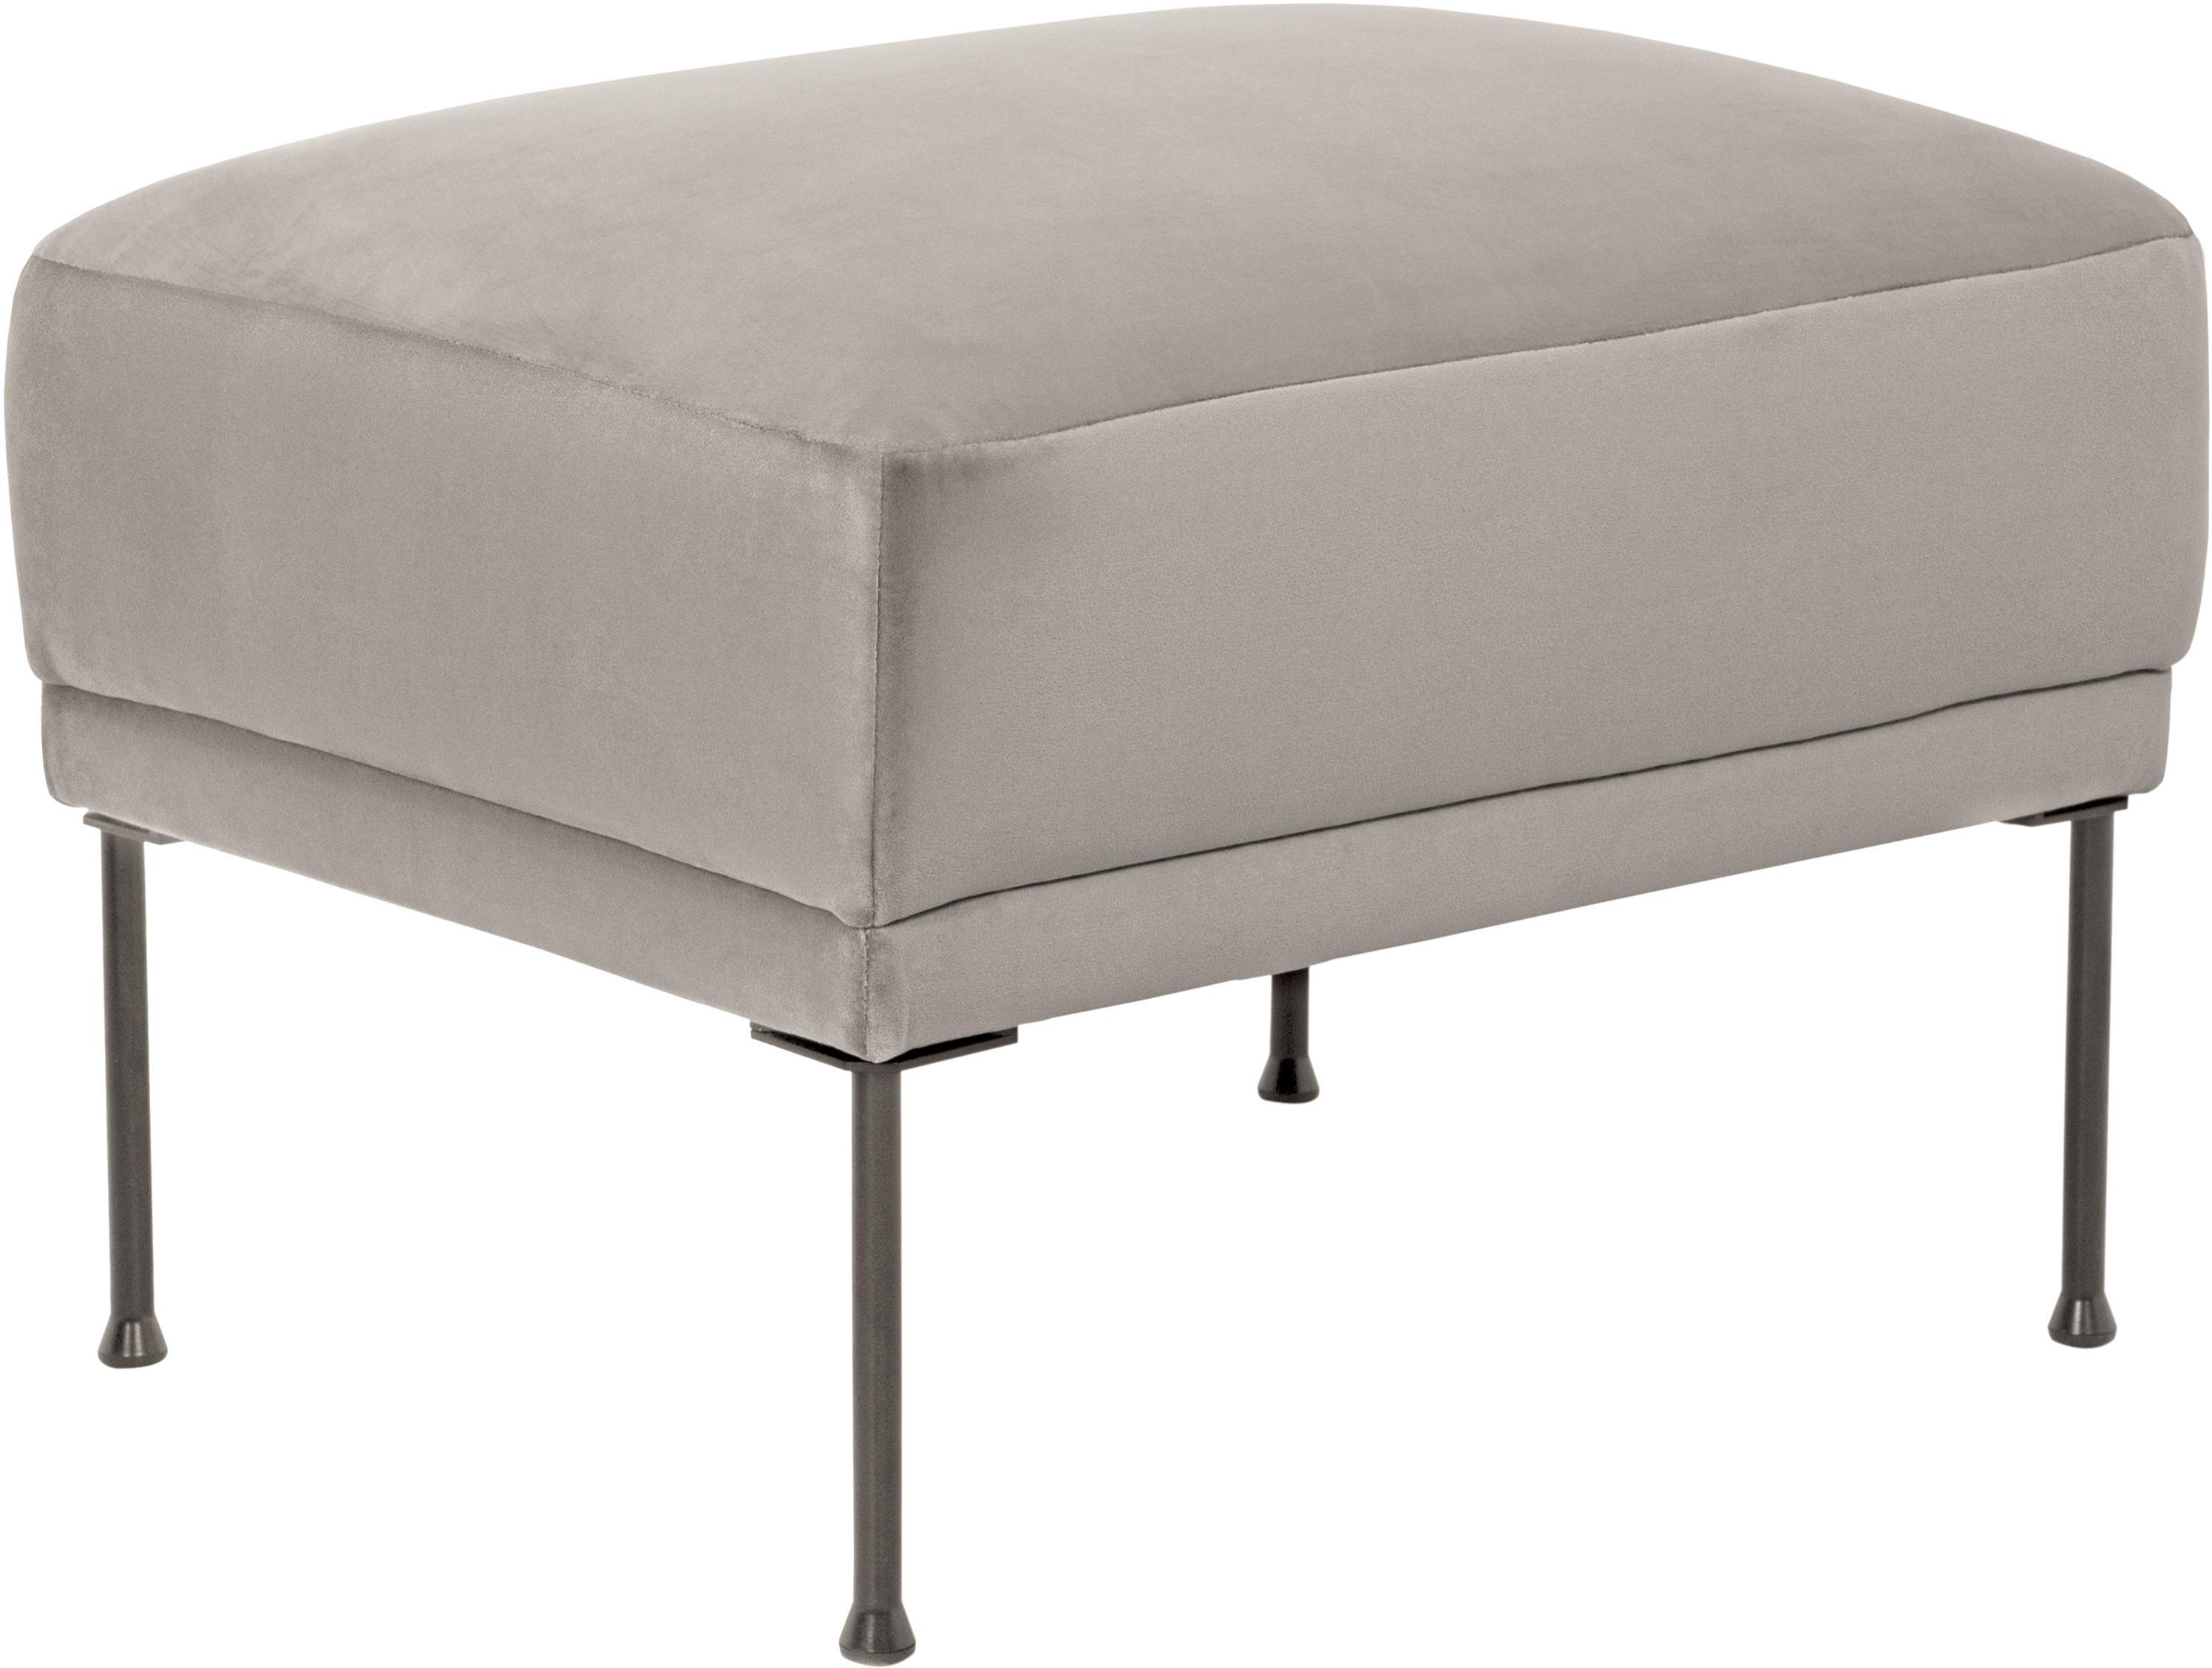 Poggiapiedi da divano in velluto beige Fluente, Rivestimento: velluto (rivestimento in , Struttura: legno di pino massiccio, Piedini: metallo verniciato a polv, Velluto beige, Larg. 62 x Alt. 46 cm